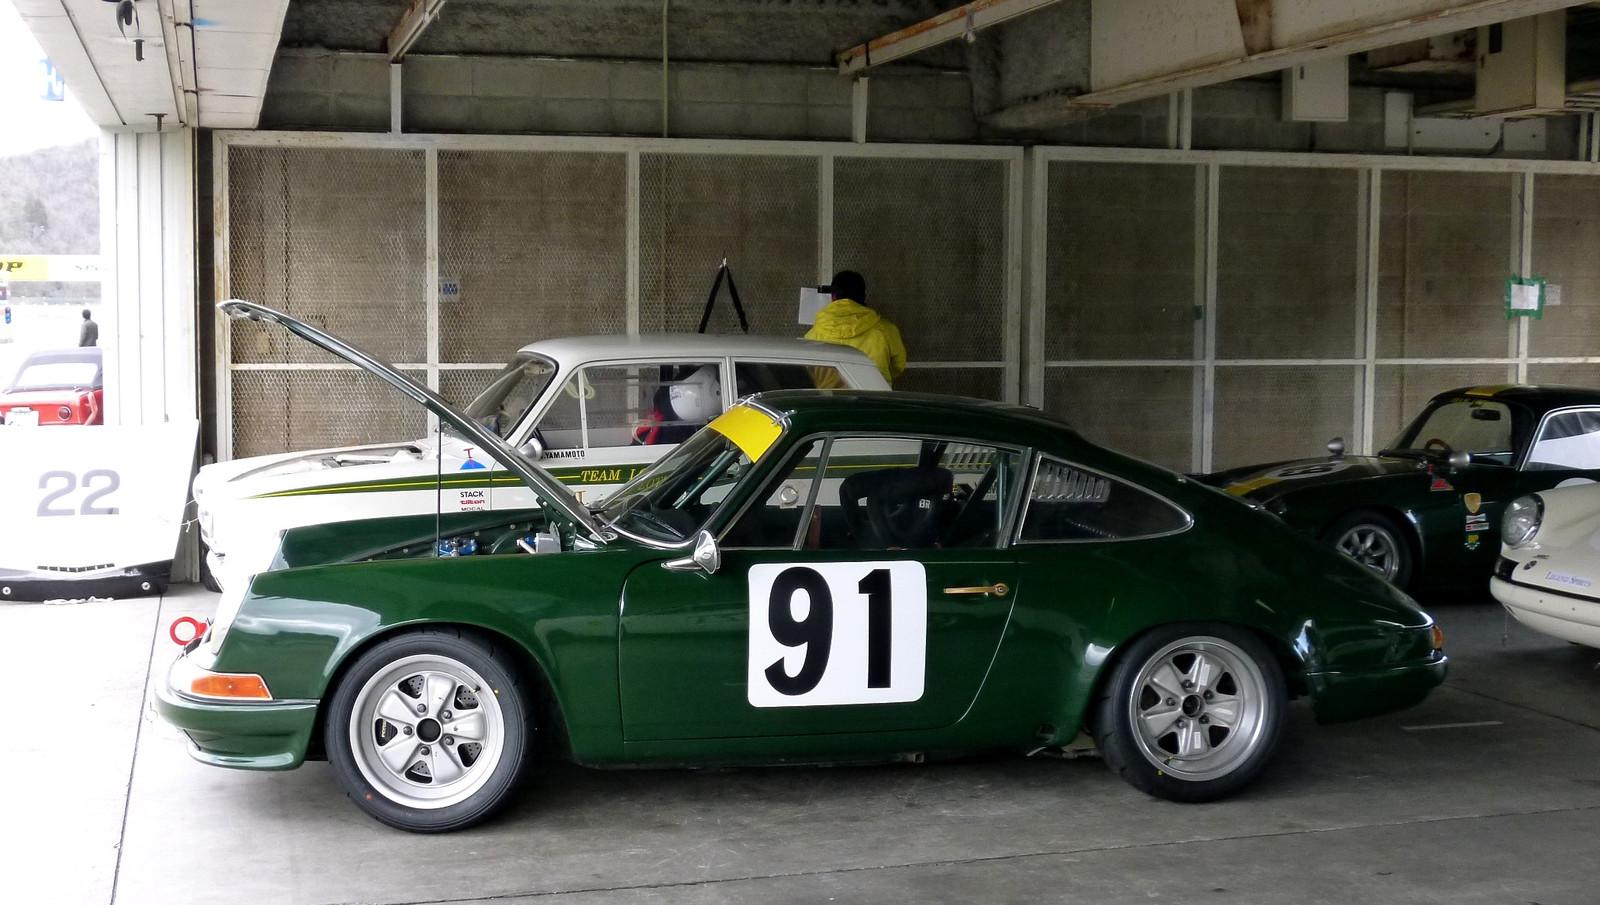 Porsche9112